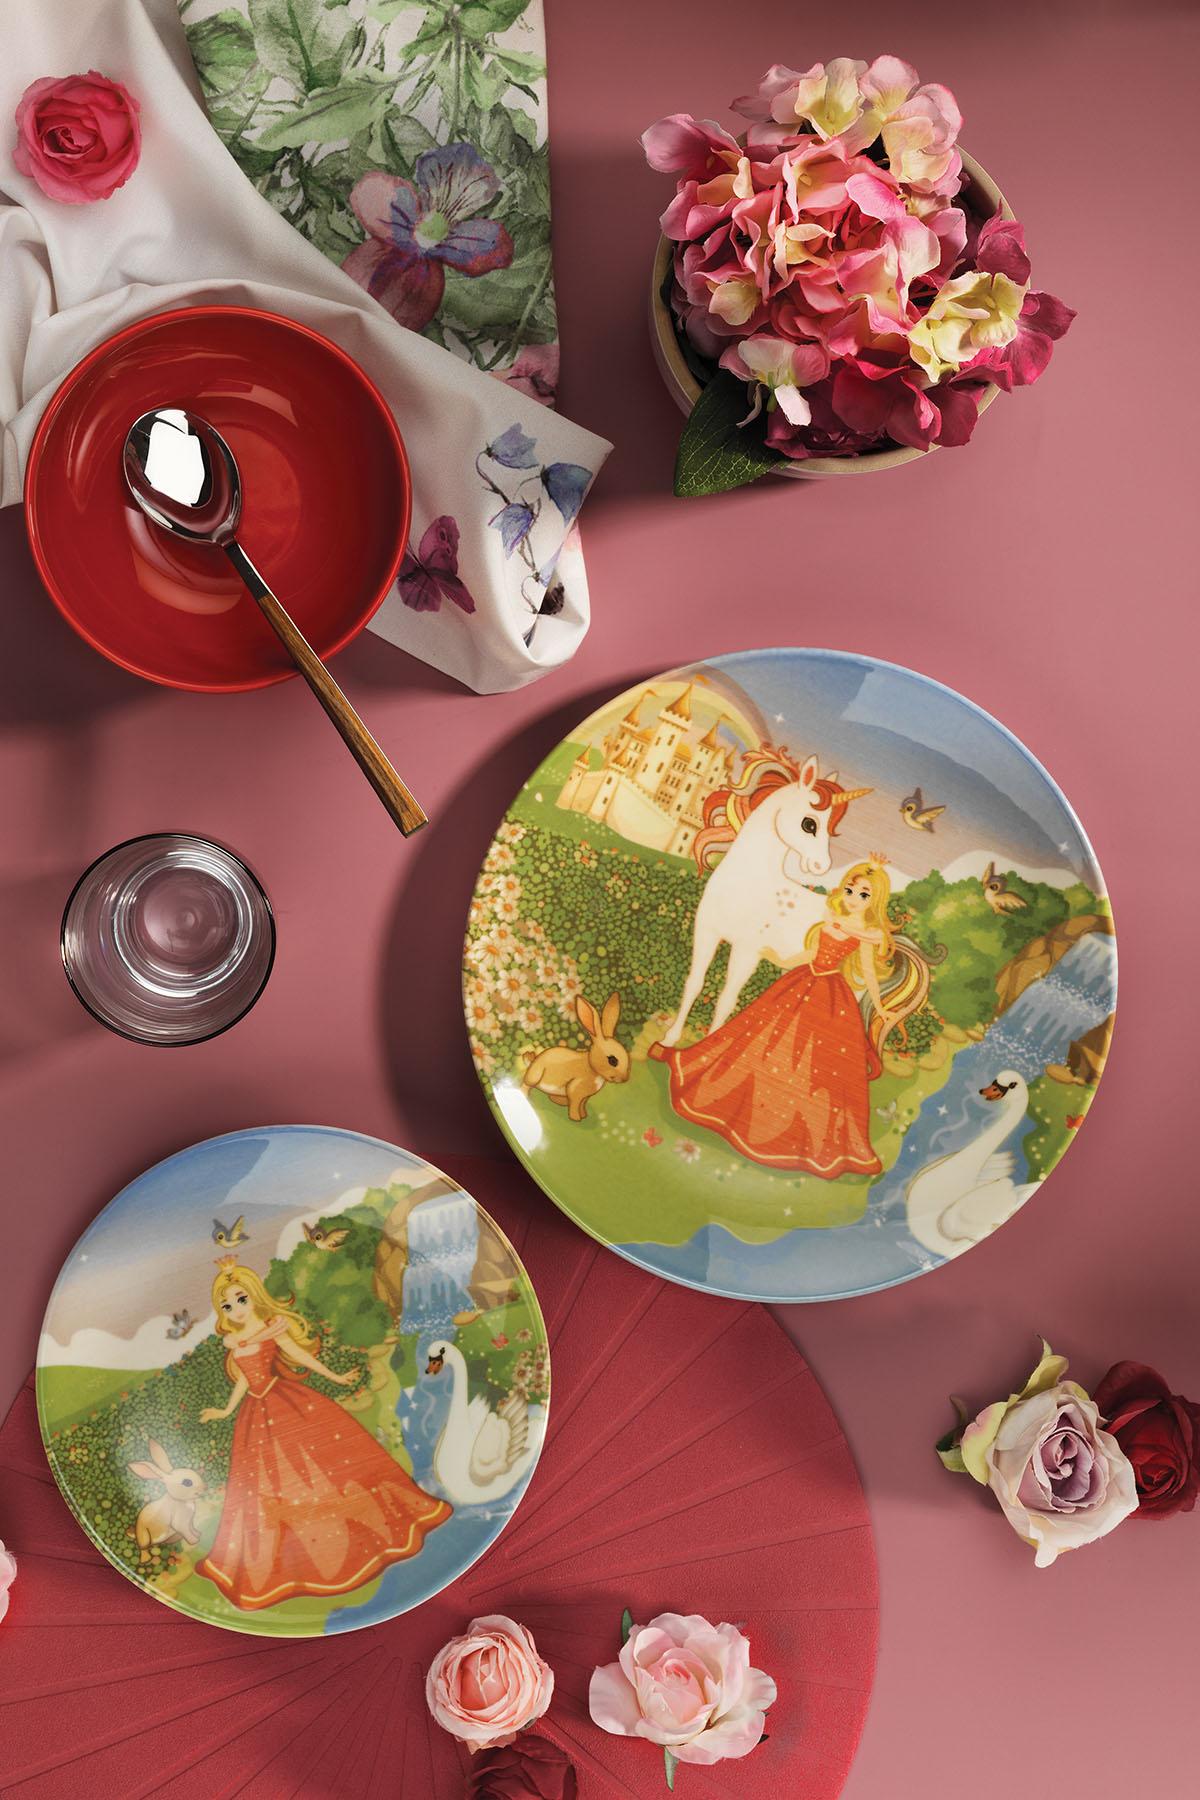 Kütahya Porselen 3 Parça Çocuk Yemek Seti 880289